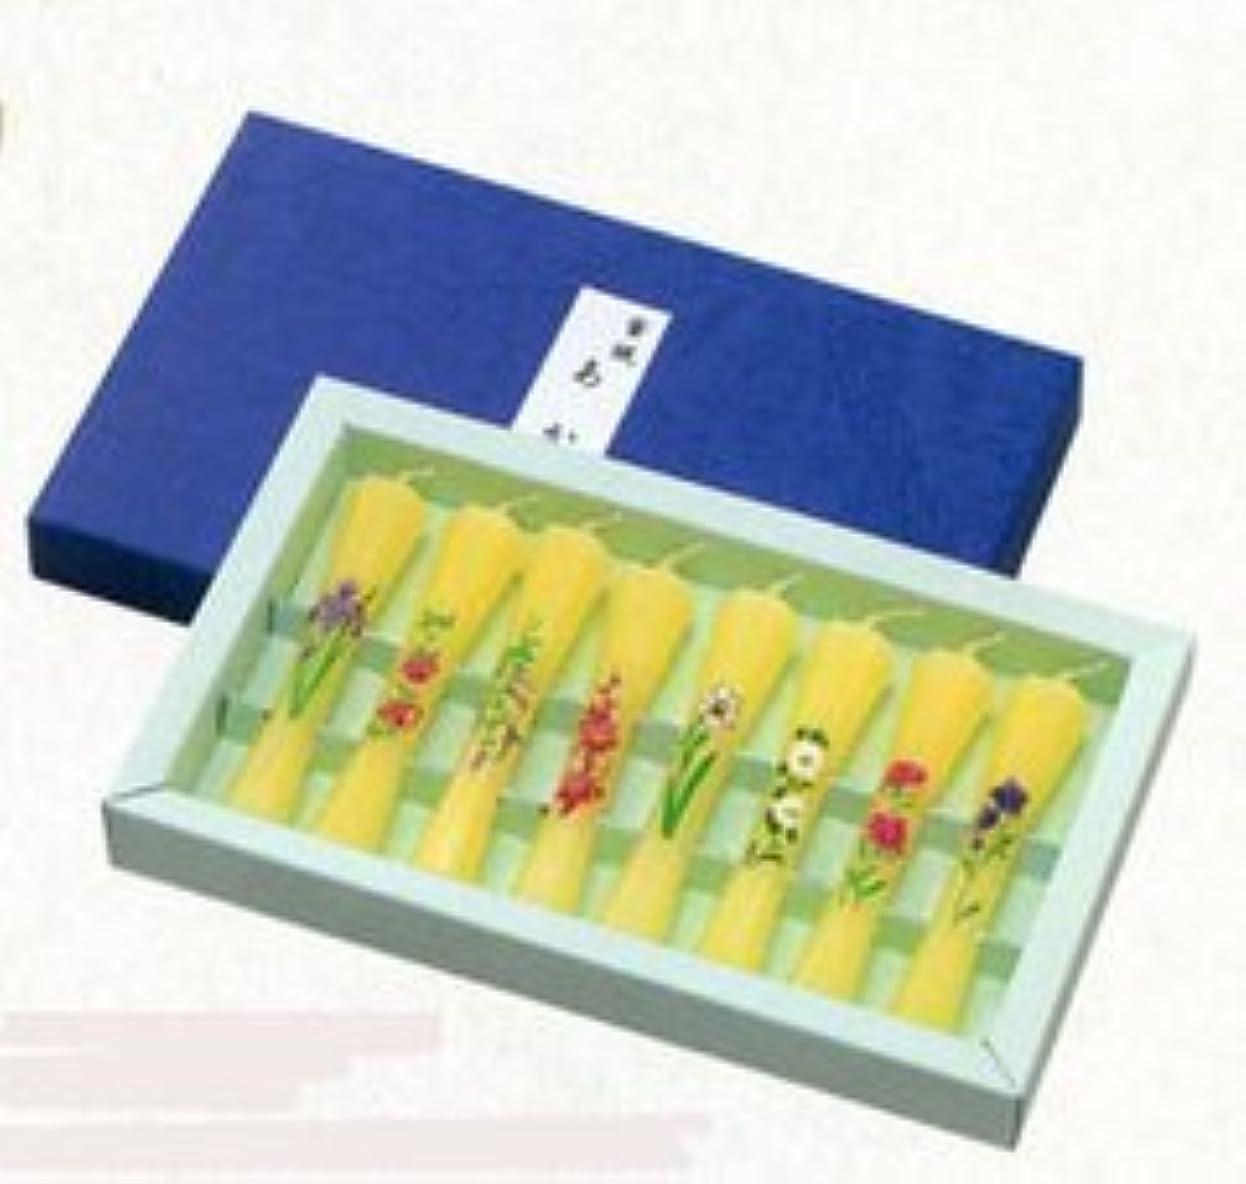 ステープル横にアトム鮮やかな花の絵ローソク8本 蜜蝋(みつろー) 茜 絵ローソク